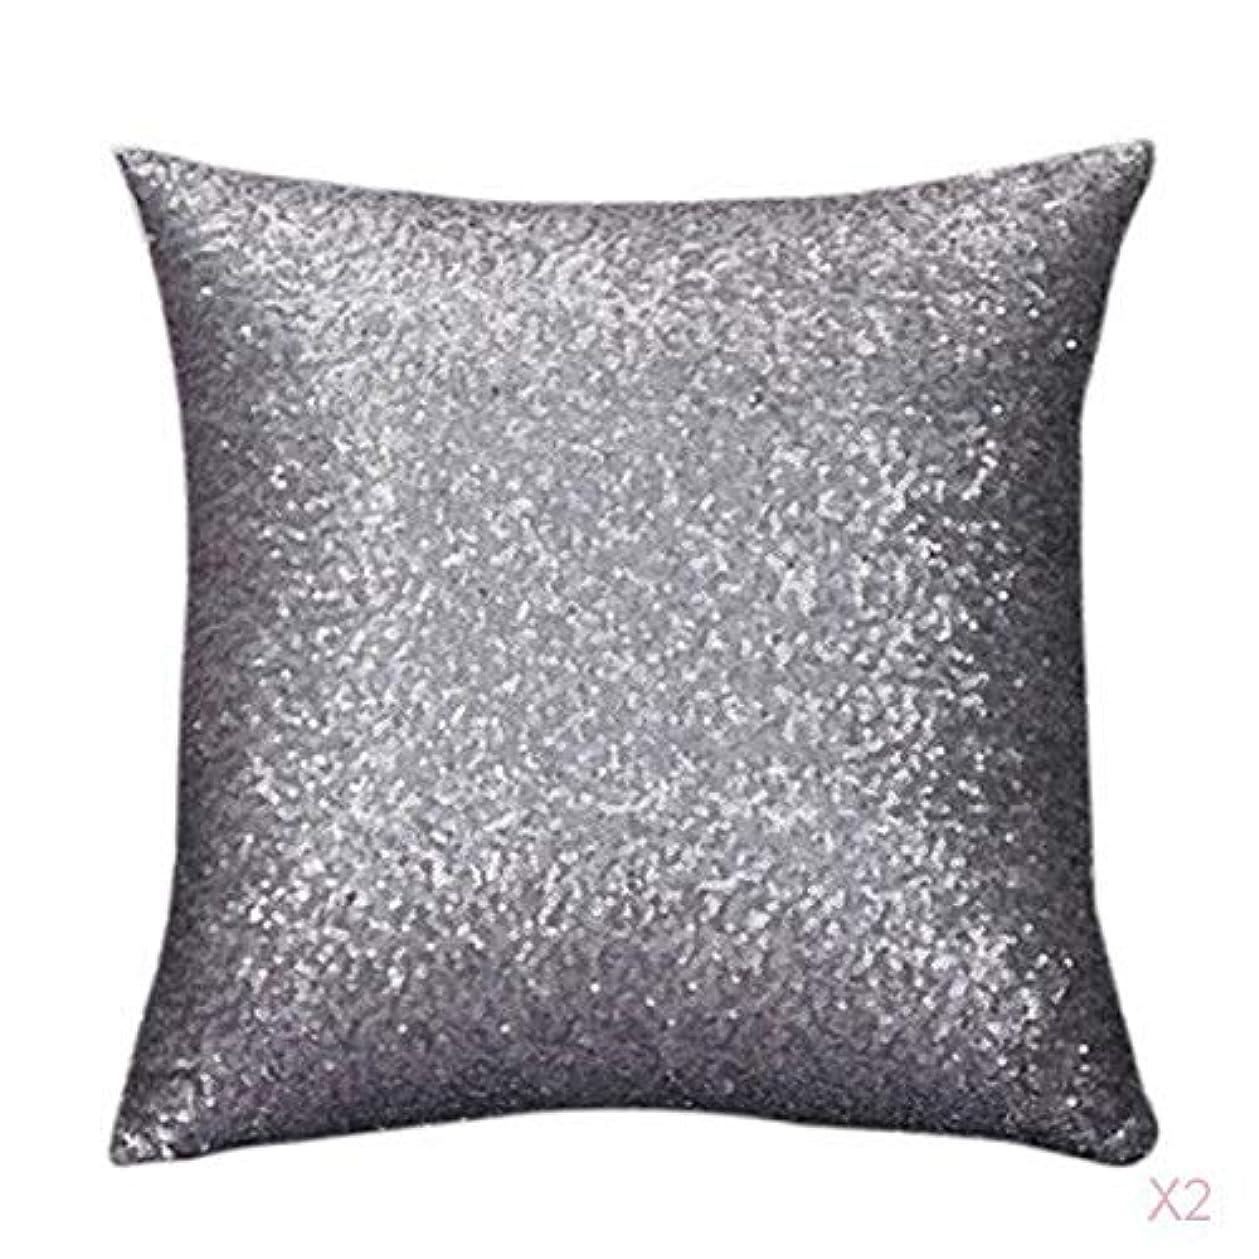 ヒューズパンツレガシーファンシースパンコールソファスクエア枕クッションカバーケースは、ホームインテリアグレーを投げます